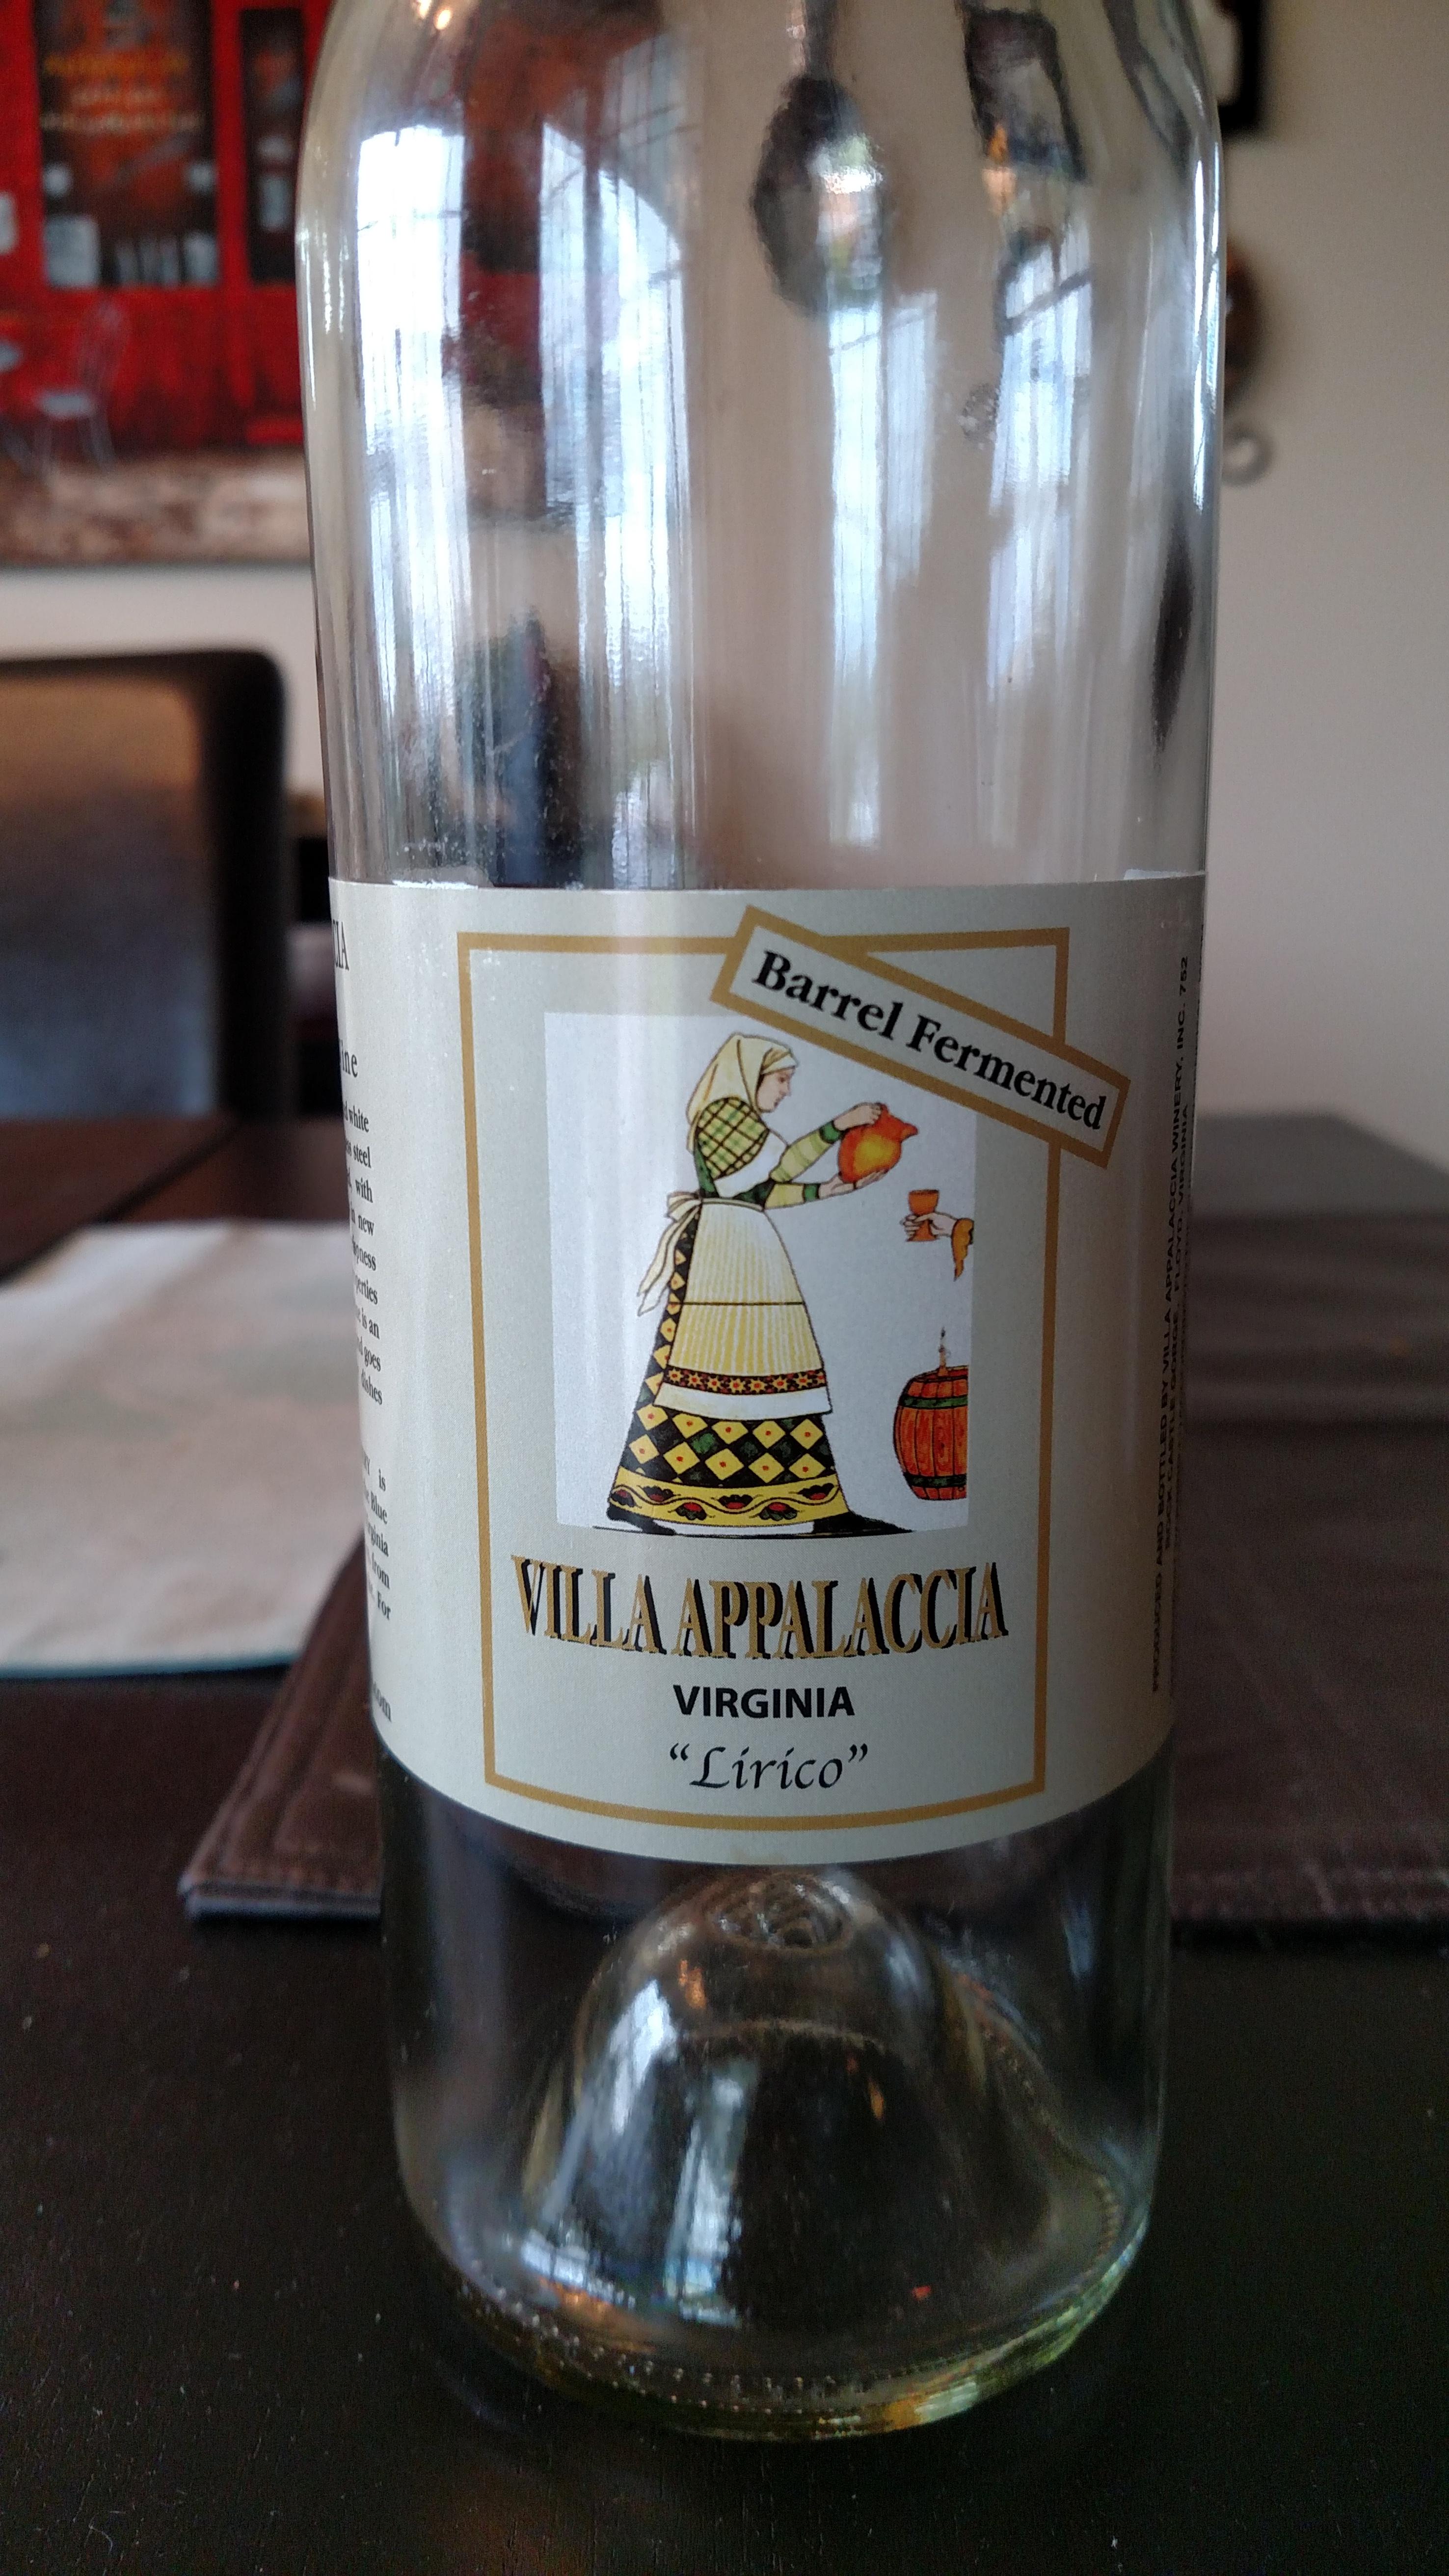 Villa Appalaccia Lirico